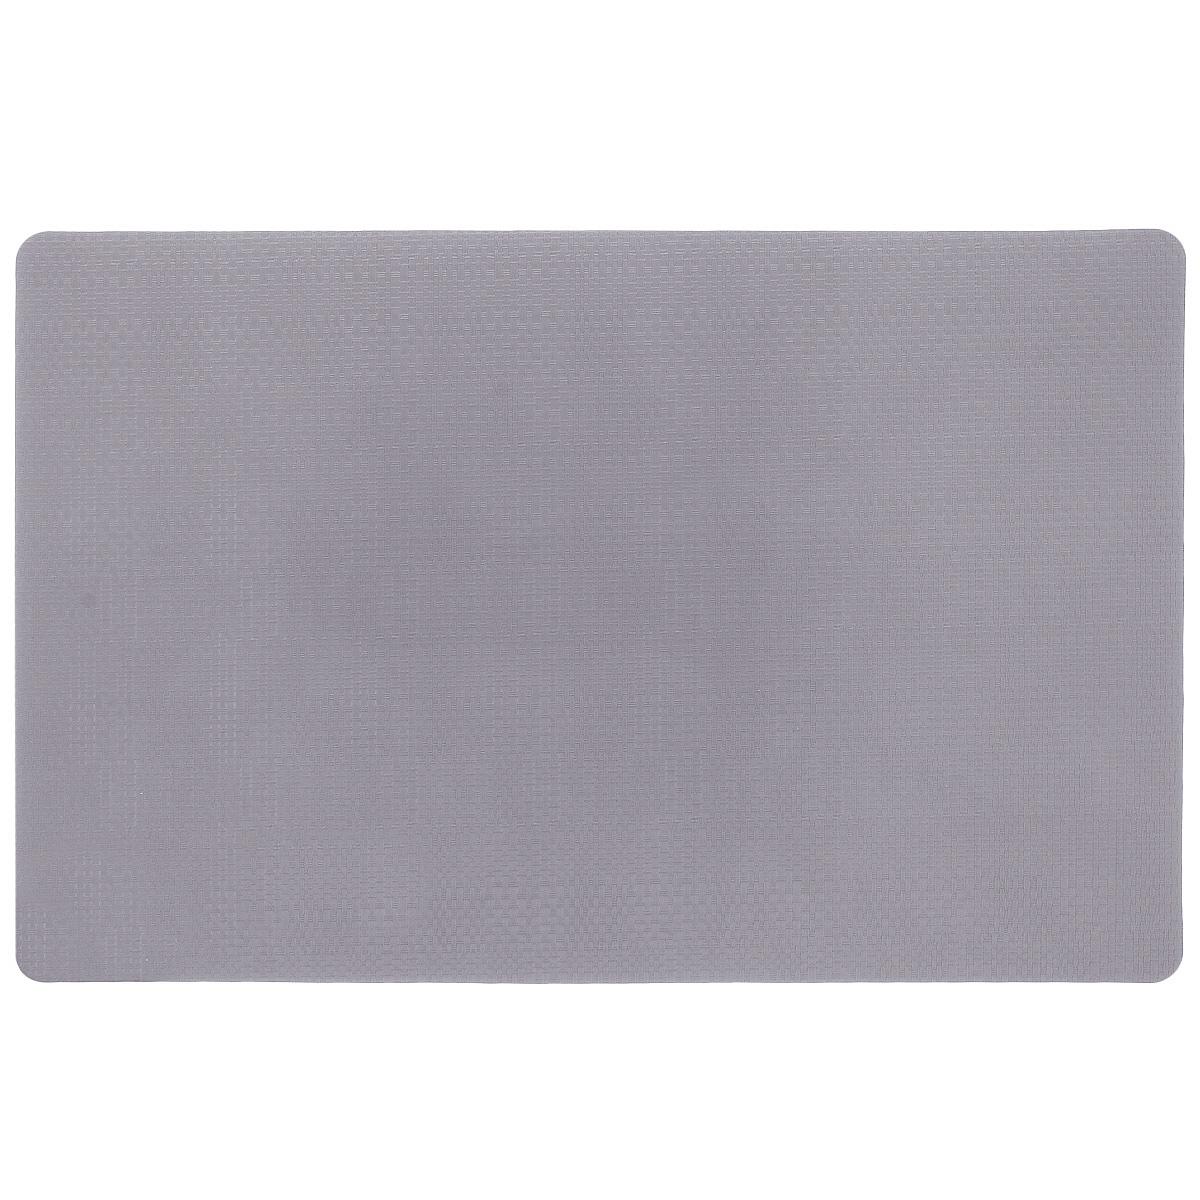 Подставка под горячее Hans & Gretchen, цвет: серый, 43,5 х 28,5 см. 28HZ-9061 подставка под горячее togas андре цвет синий серый 45 х 33 см